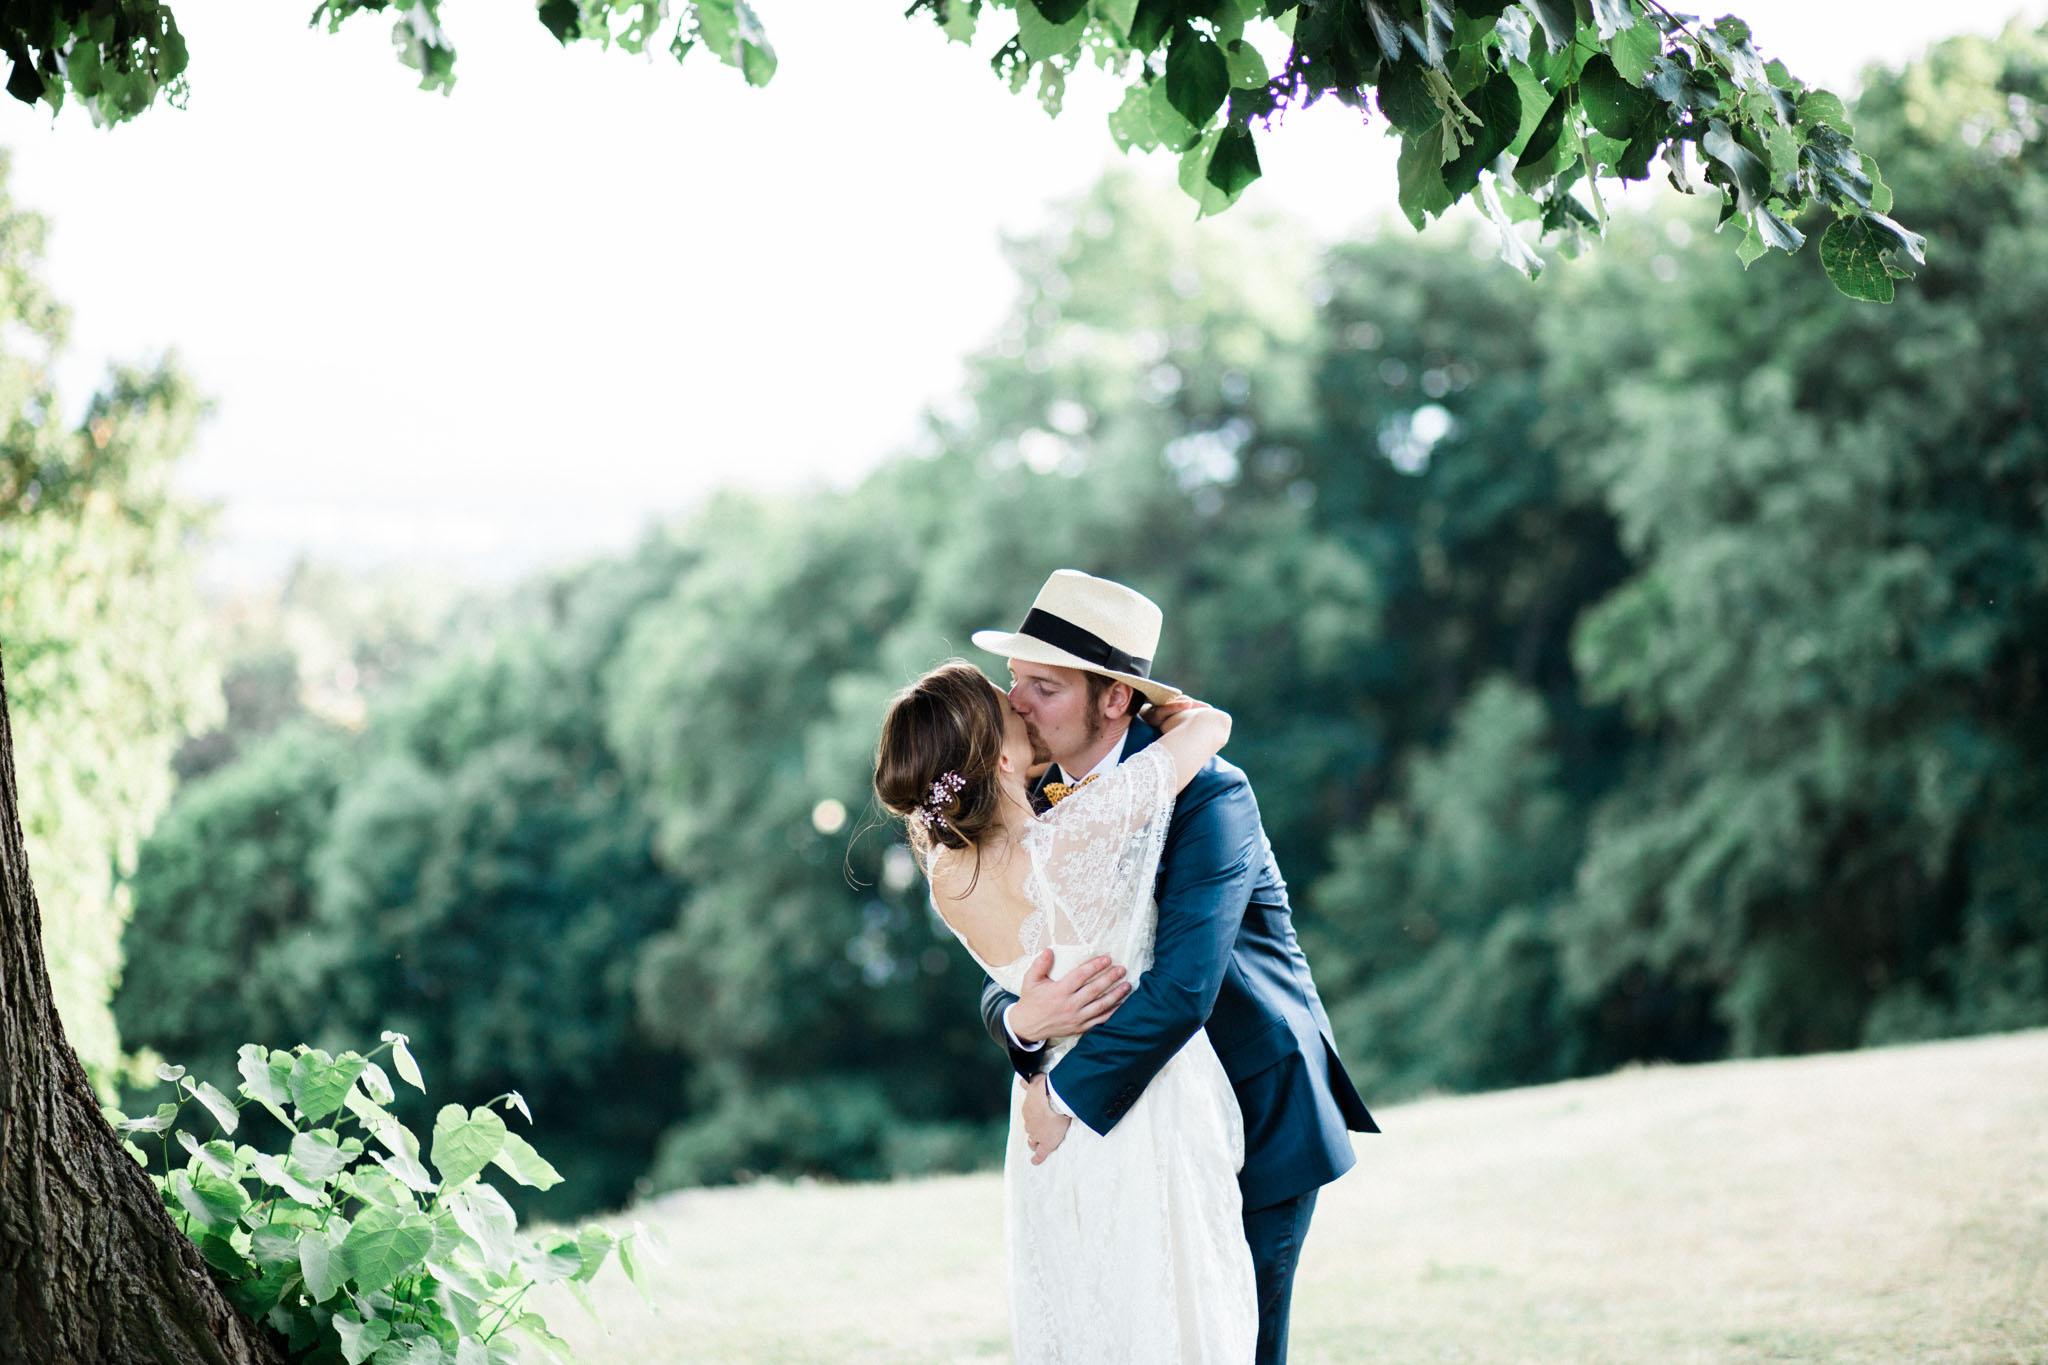 Anne & Sebi || A Viennese Wedding Tale